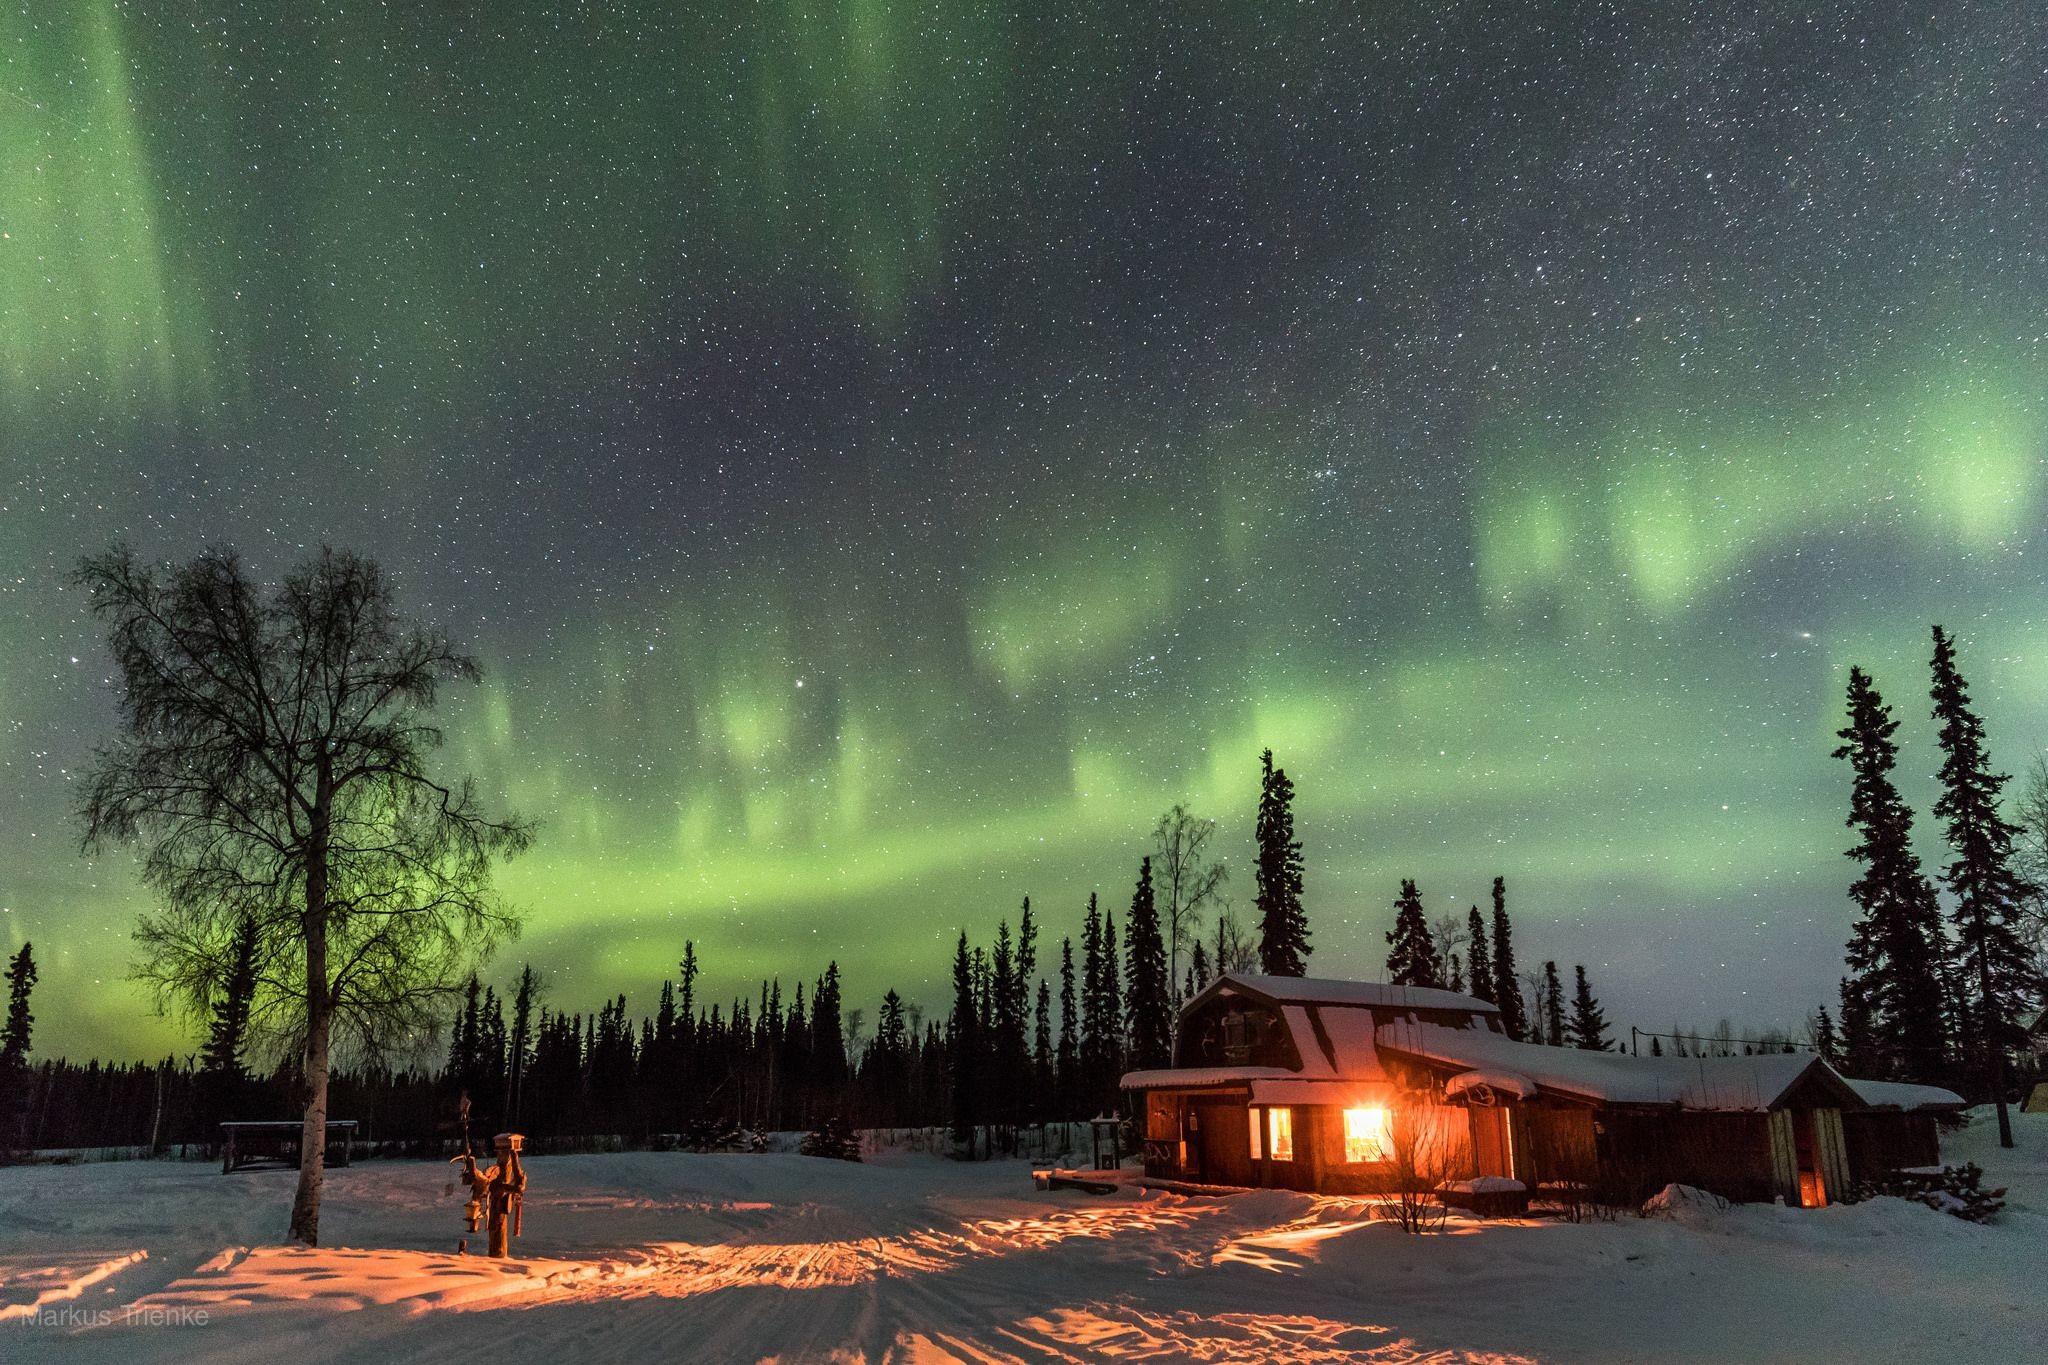 阿拉斯加幸福極光7日-西雅圖直飛極光之城費爾班、極光小屋夜觀極光